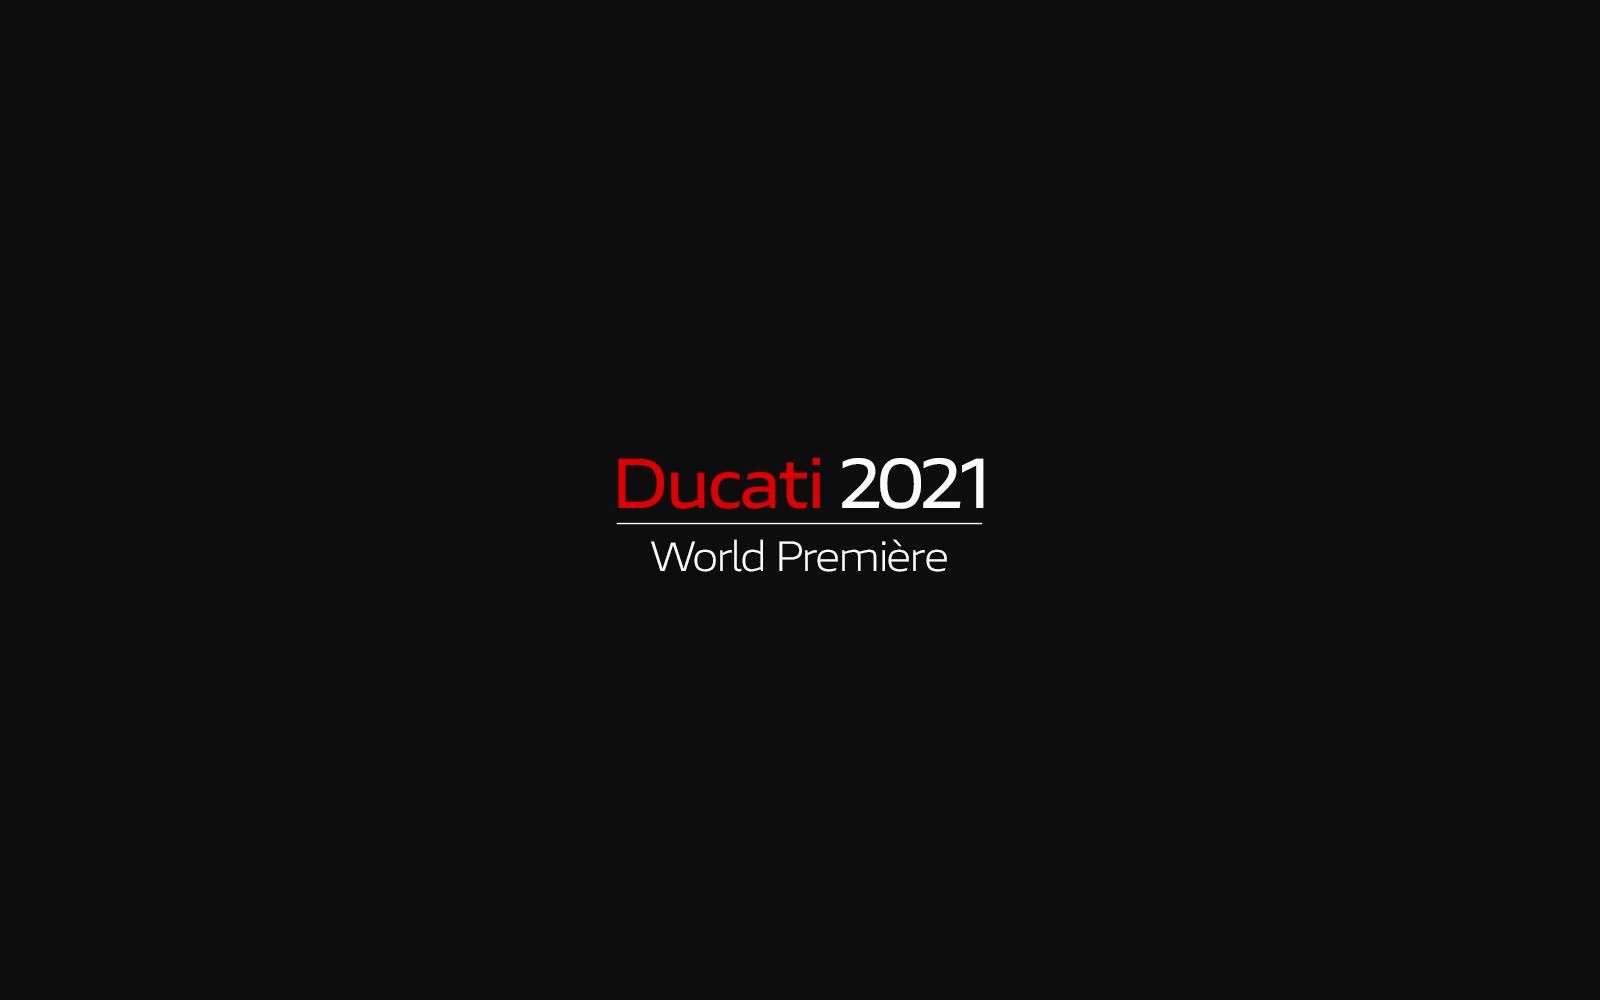 Ducati2021